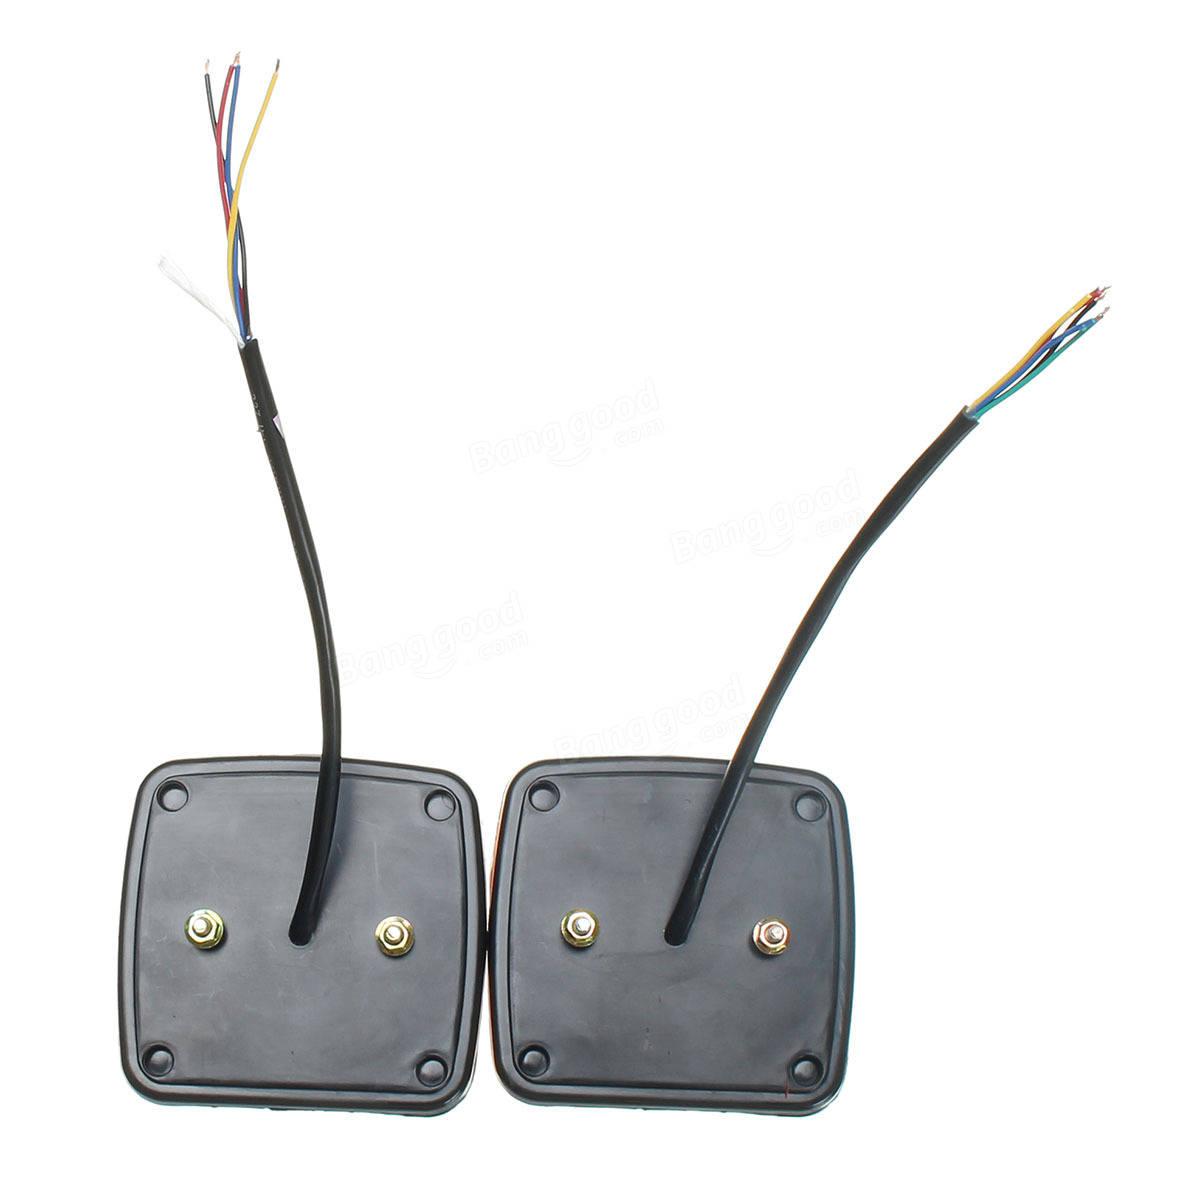 8 pin trailer plug wiring diagram images pin ice cube relay light wiring diagram besides 6 pin trailer plug wiring diagram